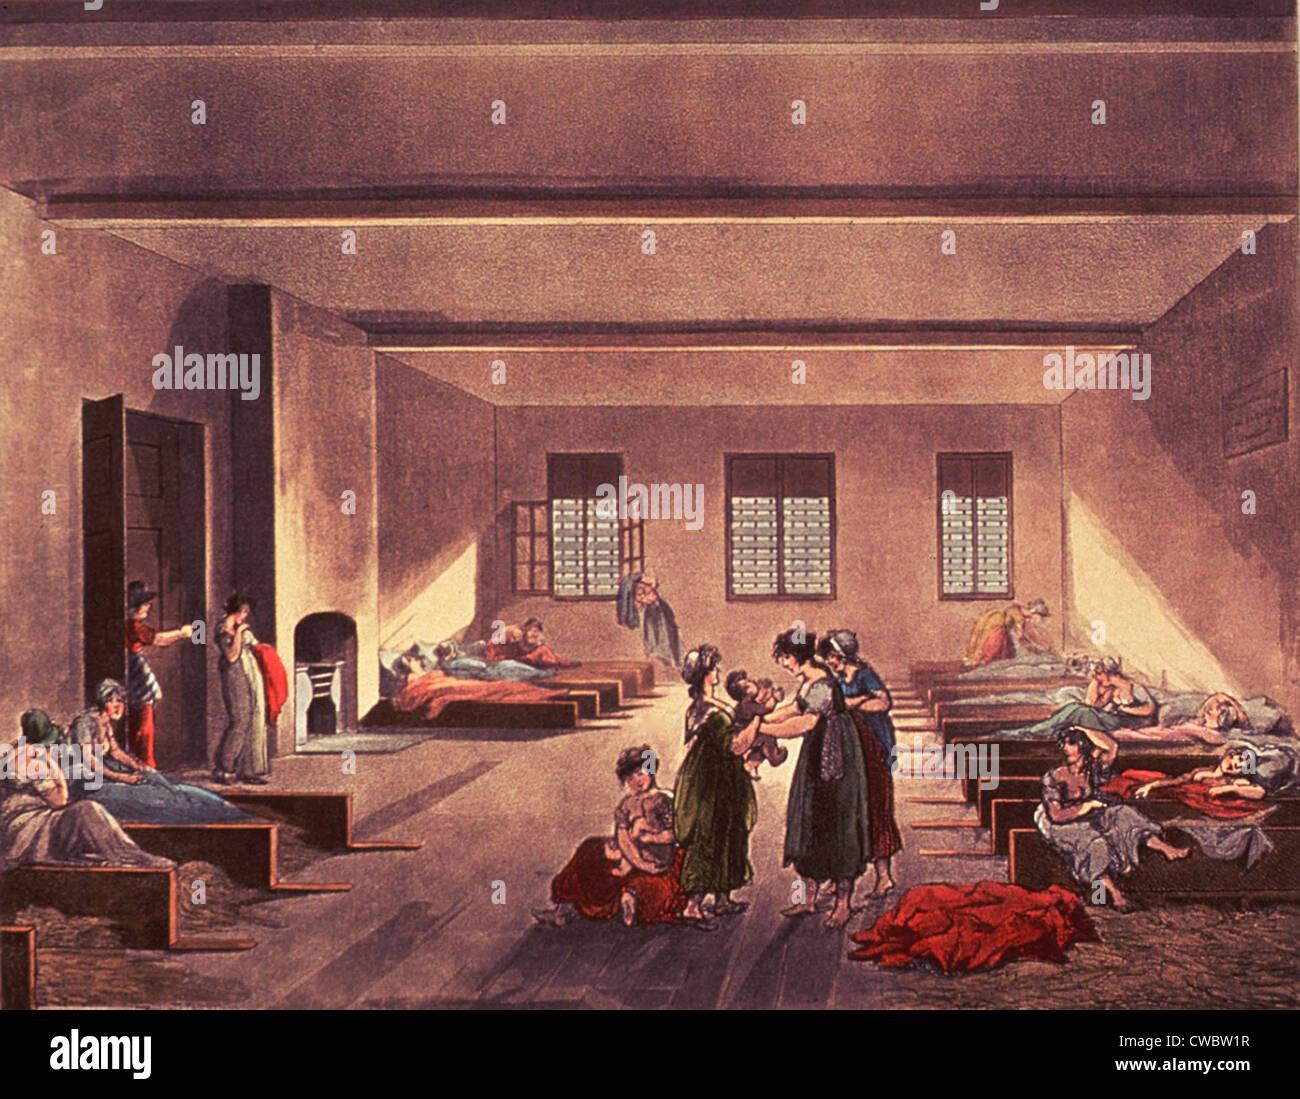 Camera di detenzione a Londra il Bridewell ospedale, per senzatetto, impoverito e probabilmente unica o le madri Immagini Stock